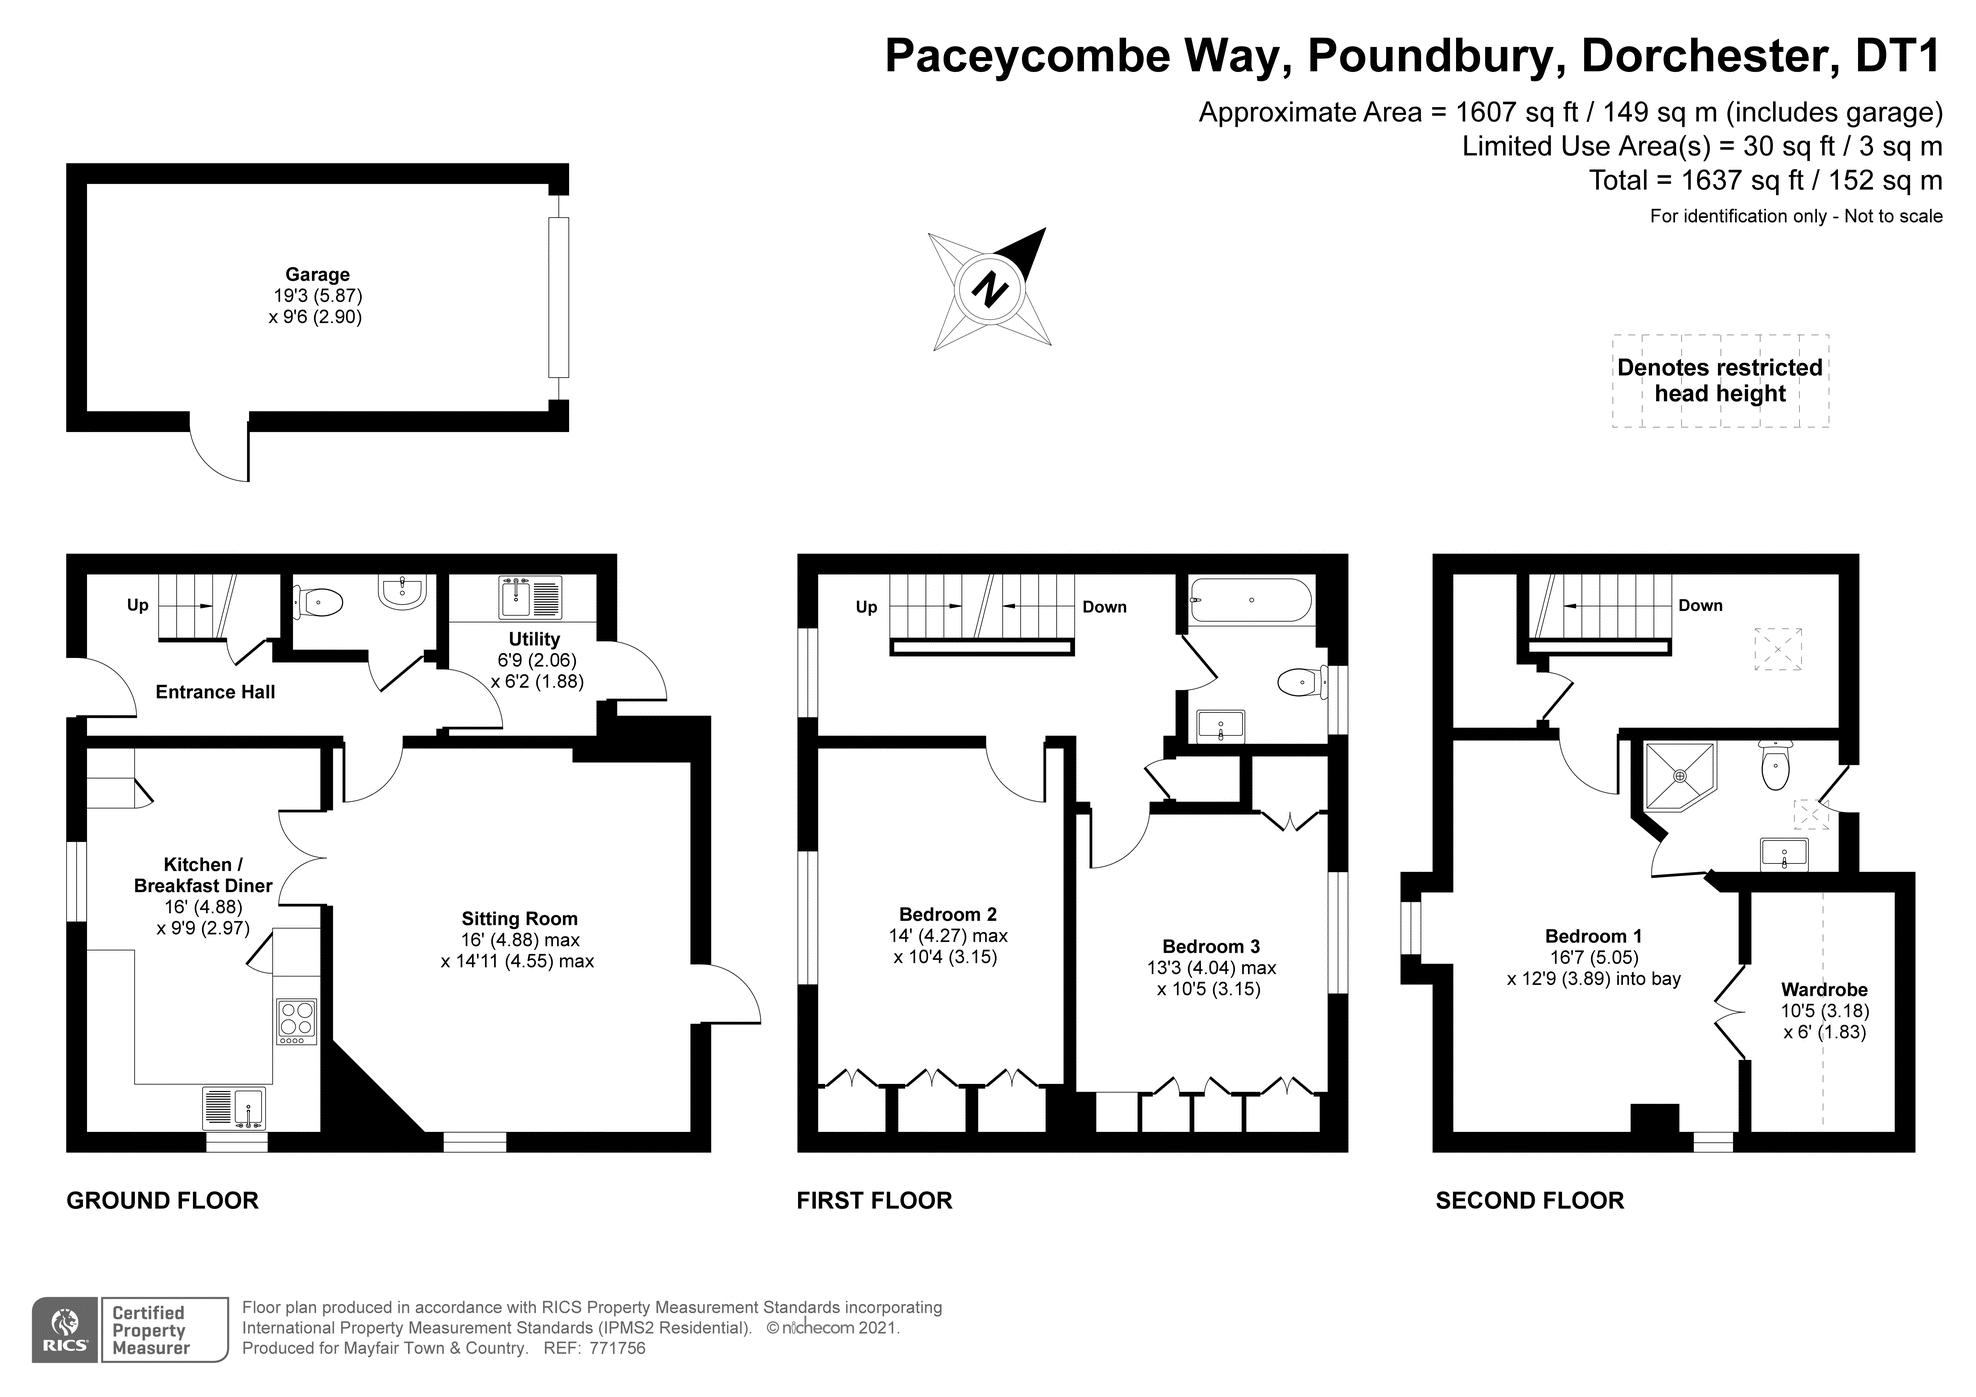 Paceycombe Way Poundbury